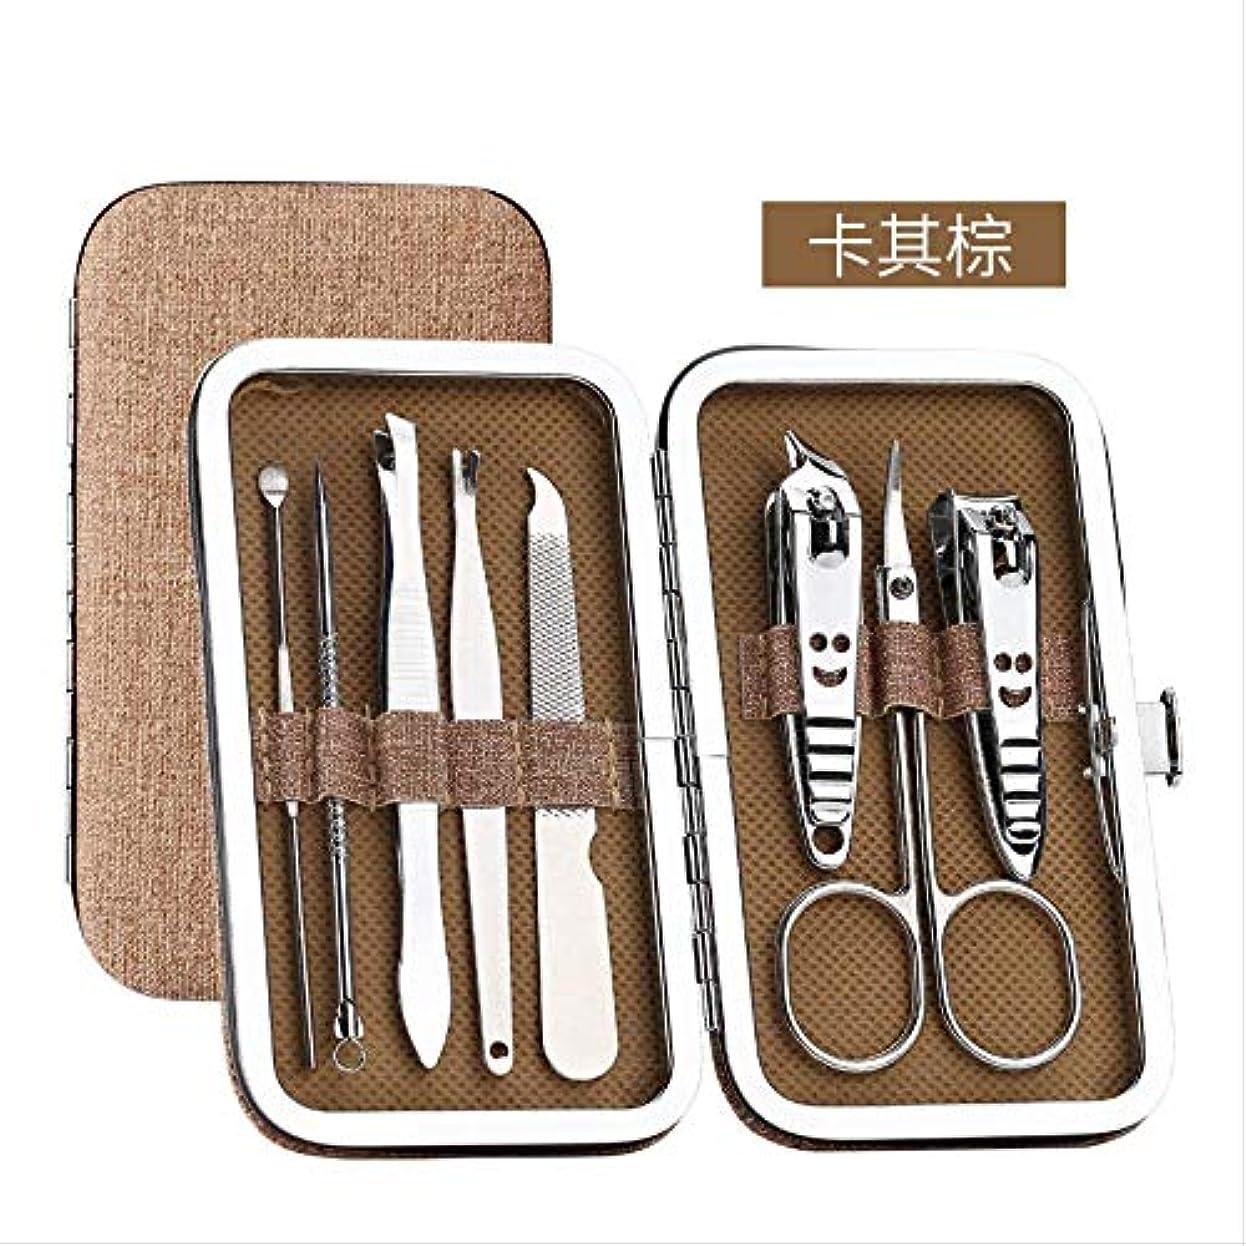 不名誉な雇用者評価可能爪切りマニキュアネイルマニキュア爪切りツールセットの爪切り8個セット ブラウン